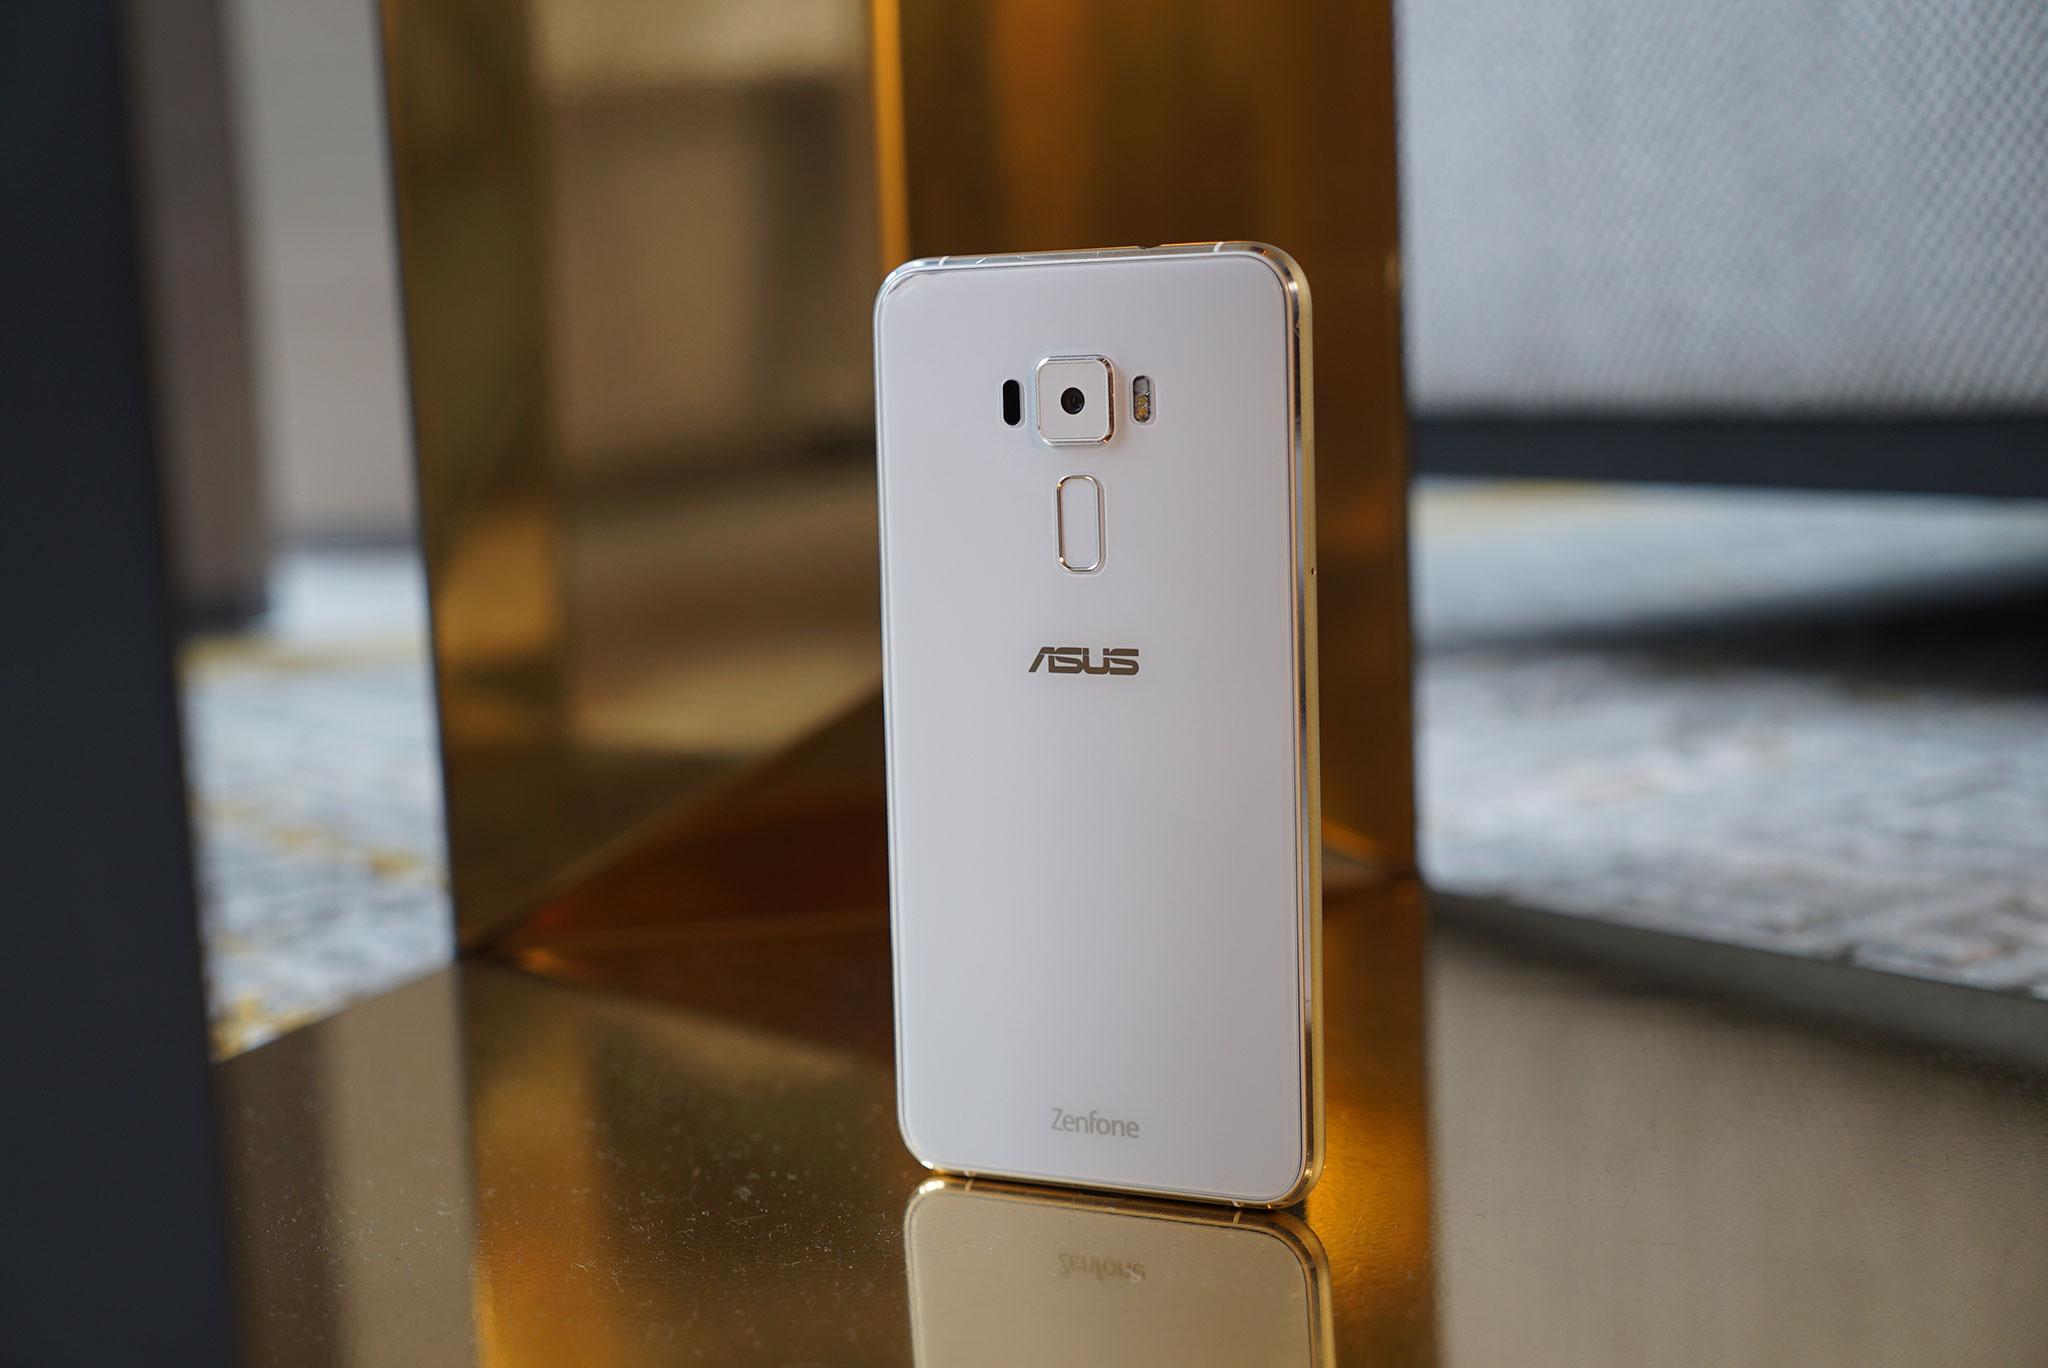 مشخصات فنی کامل گوشی Asus ZenFone 3 Zoom در FCC آمریکا رویت شد